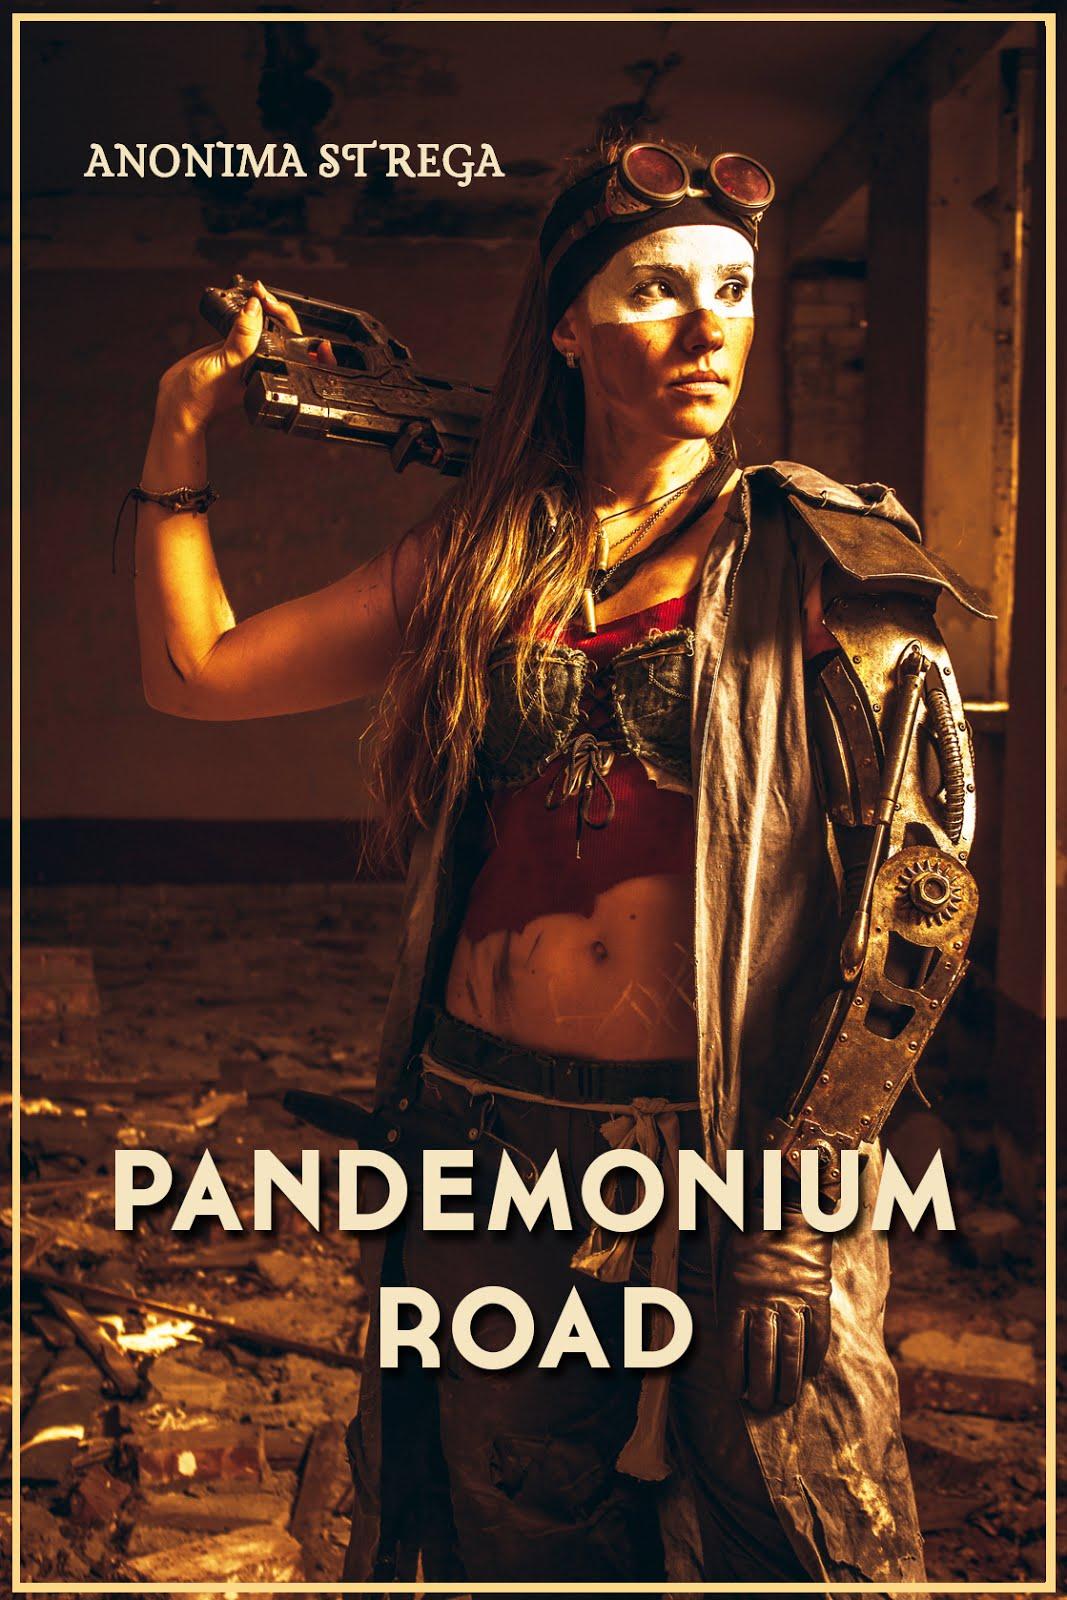 Pandemonium Road - Paranormal Romance/Horror/Thriller/SciFi